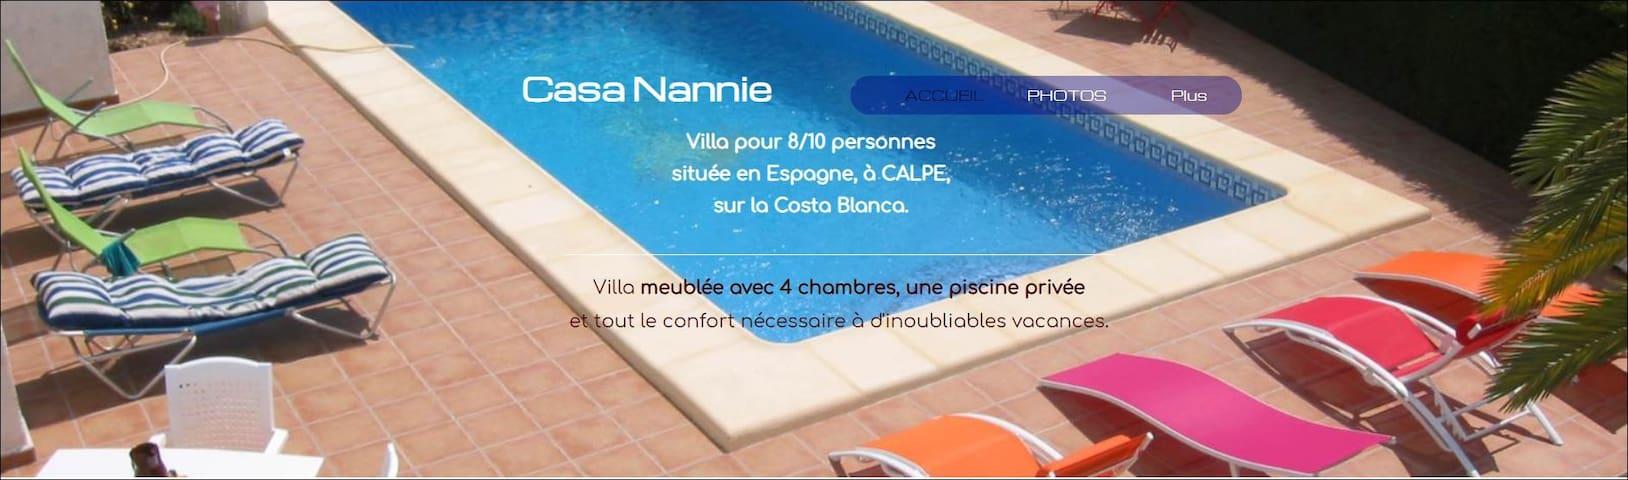 Casa Nannie Calpe vue sur la plage & les montagnes